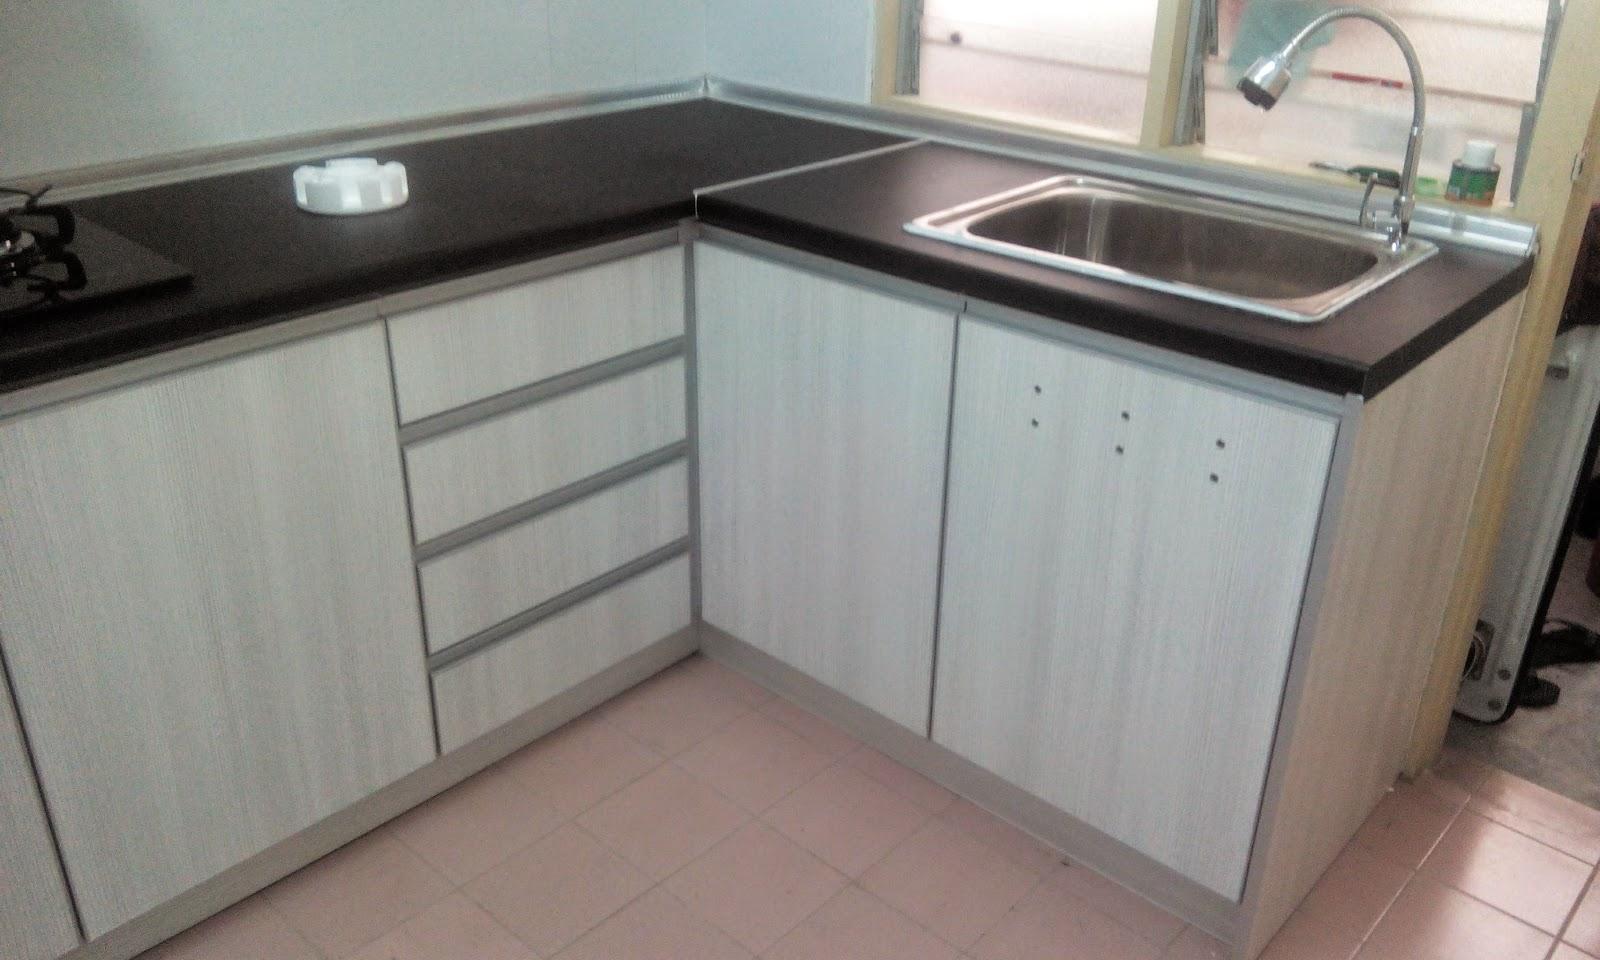 Cantikkan Kabinet Dapur Umah En Azam Ni Kemas Dn Bersih